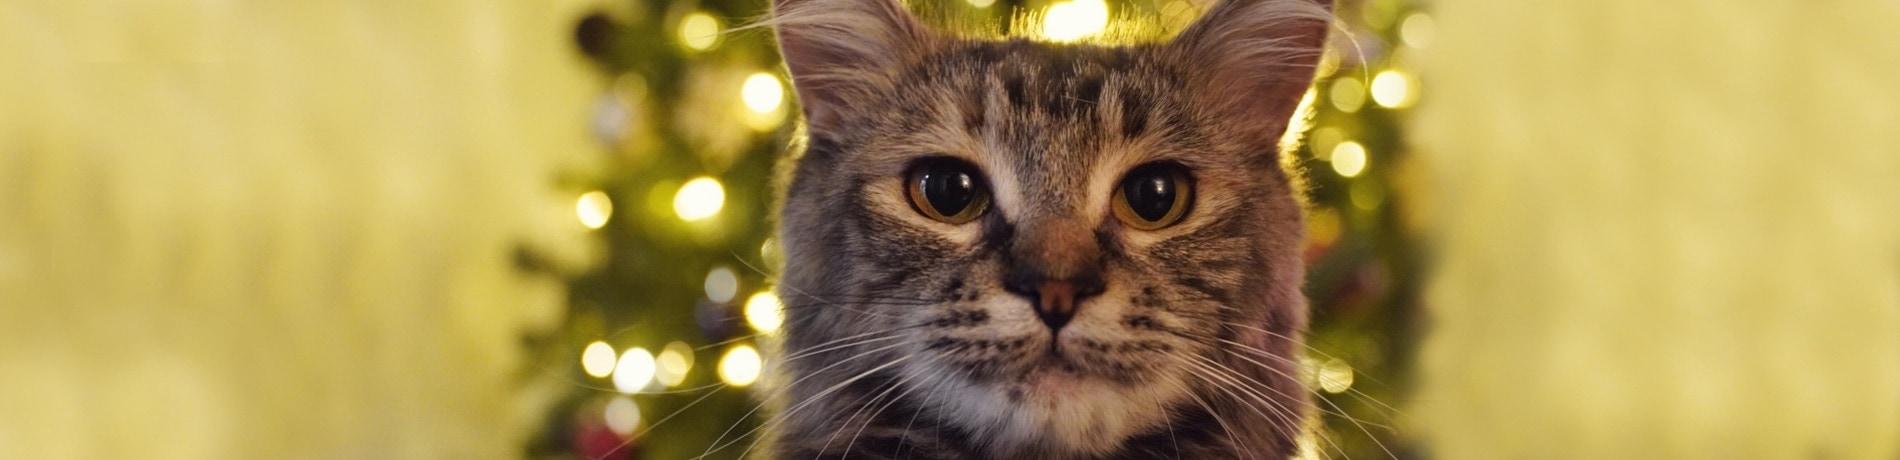 kerstboom tegen katten